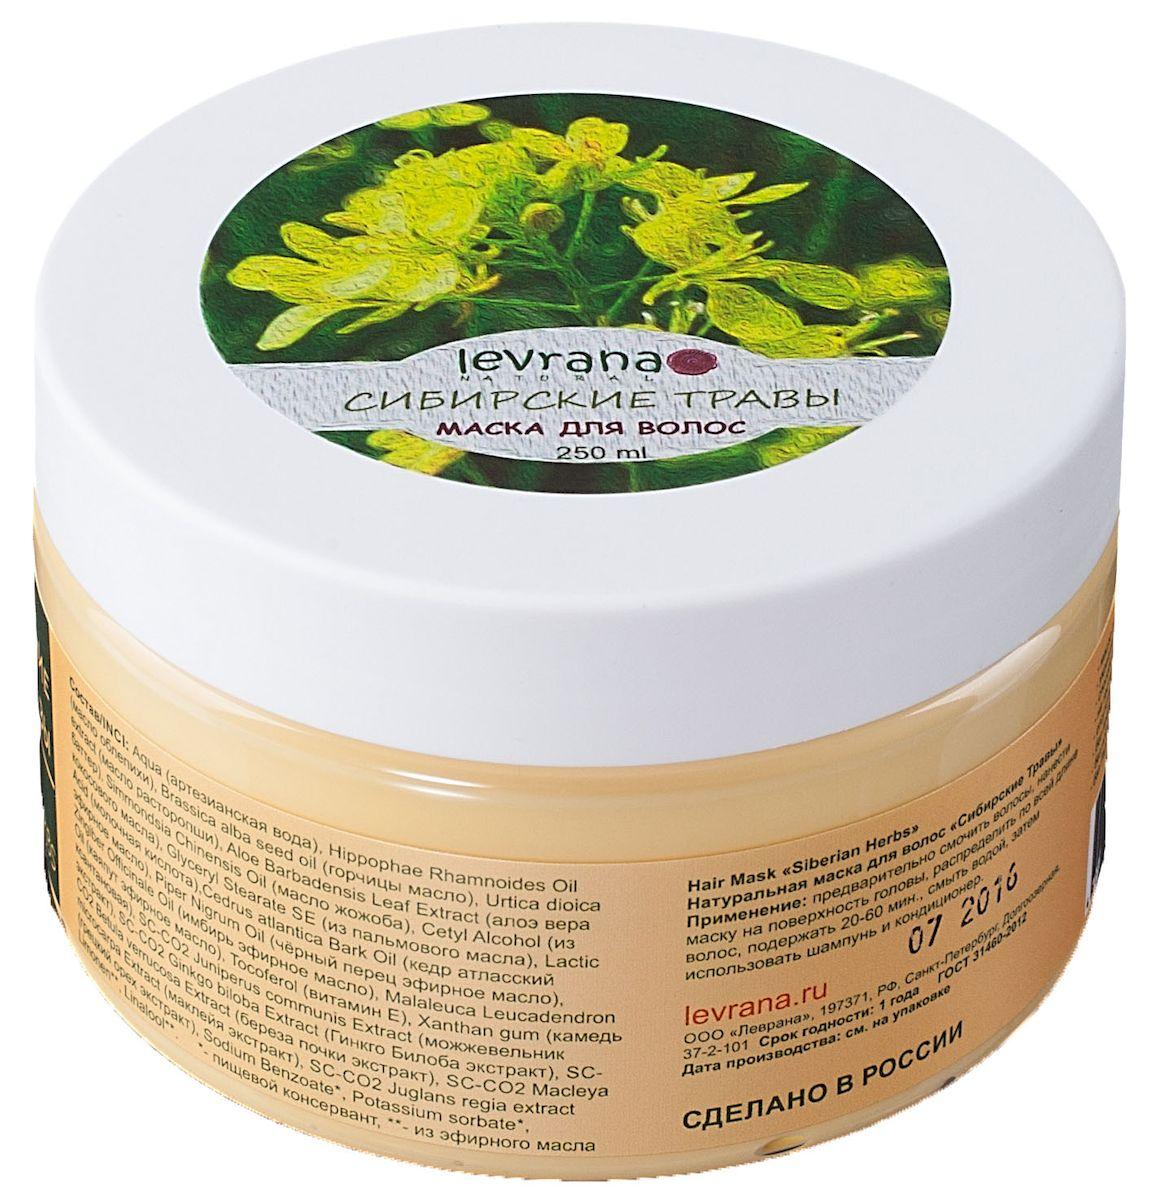 Levrana Маска для волос Сибирские травы, 250 млHM01Рецептура масок разработана так, чтобы максимально, в короткие сроки, помочь вашим волосам, делая их крепкими, густыми и шелковистыми.